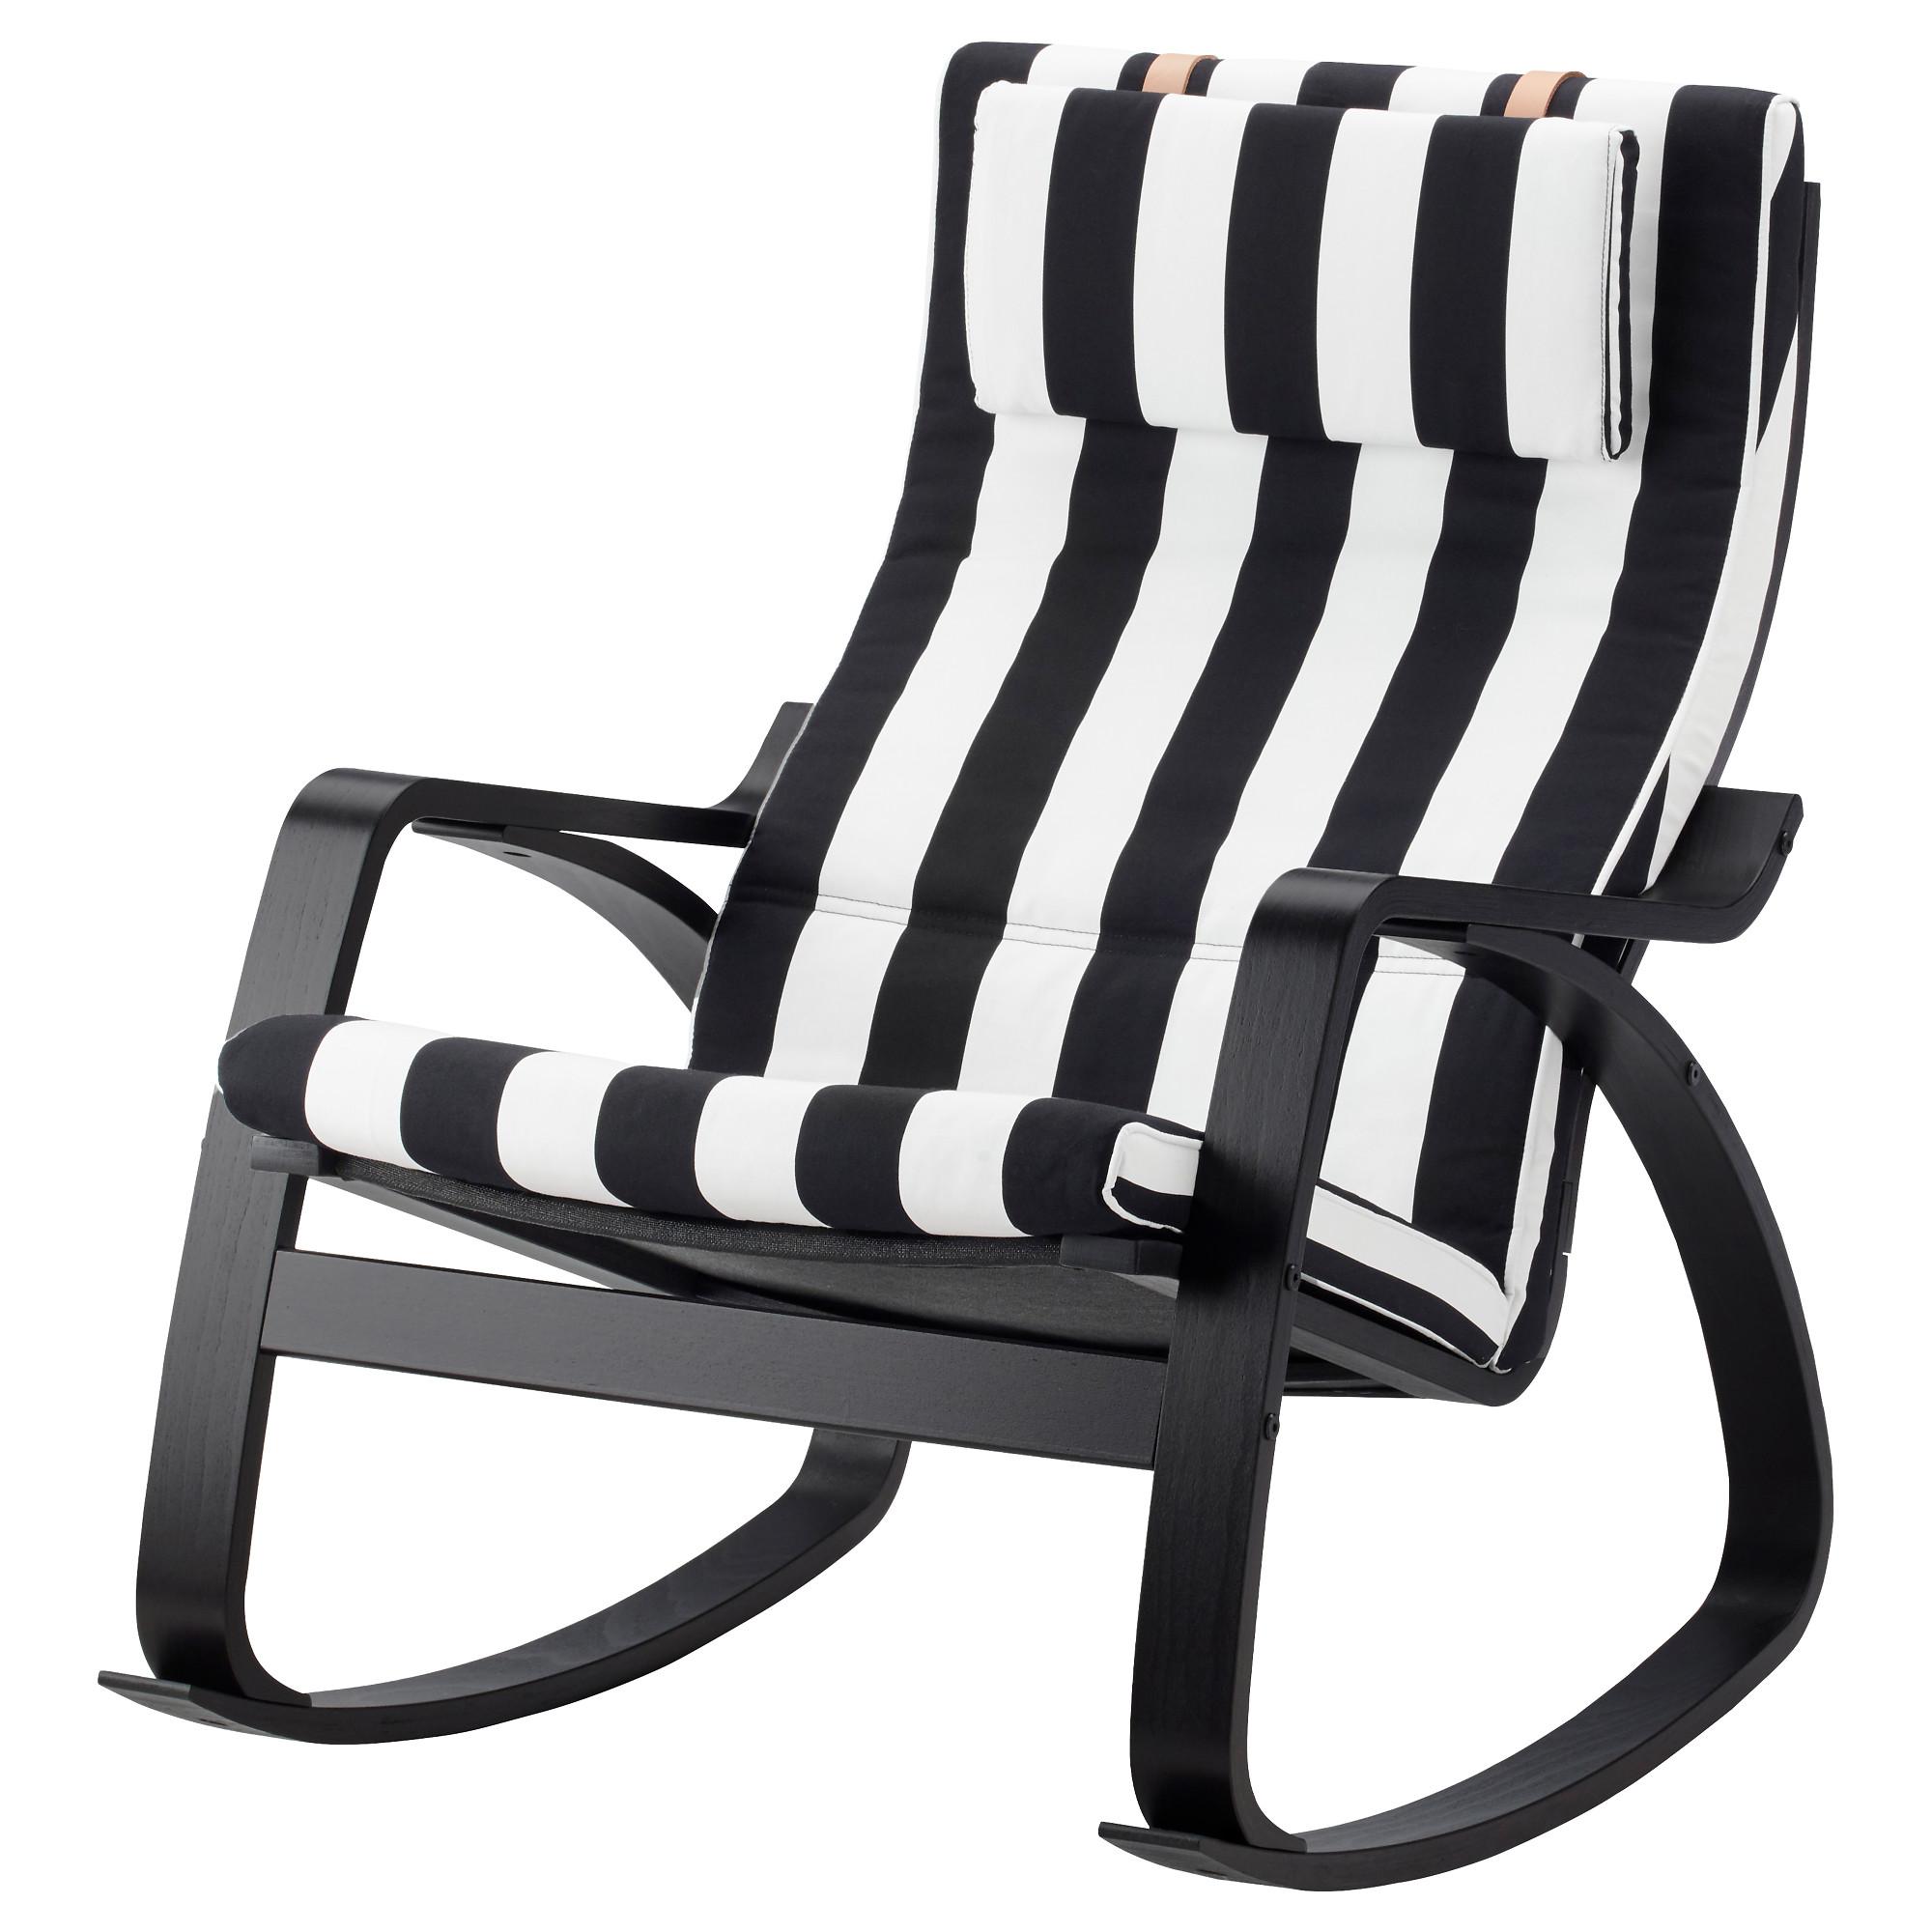 Кресло-качалка ПОЭНГ черный/белый артикуль № 292.515.64 в наличии. Online сайт ИКЕА Беларусь. Быстрая доставка и установка.